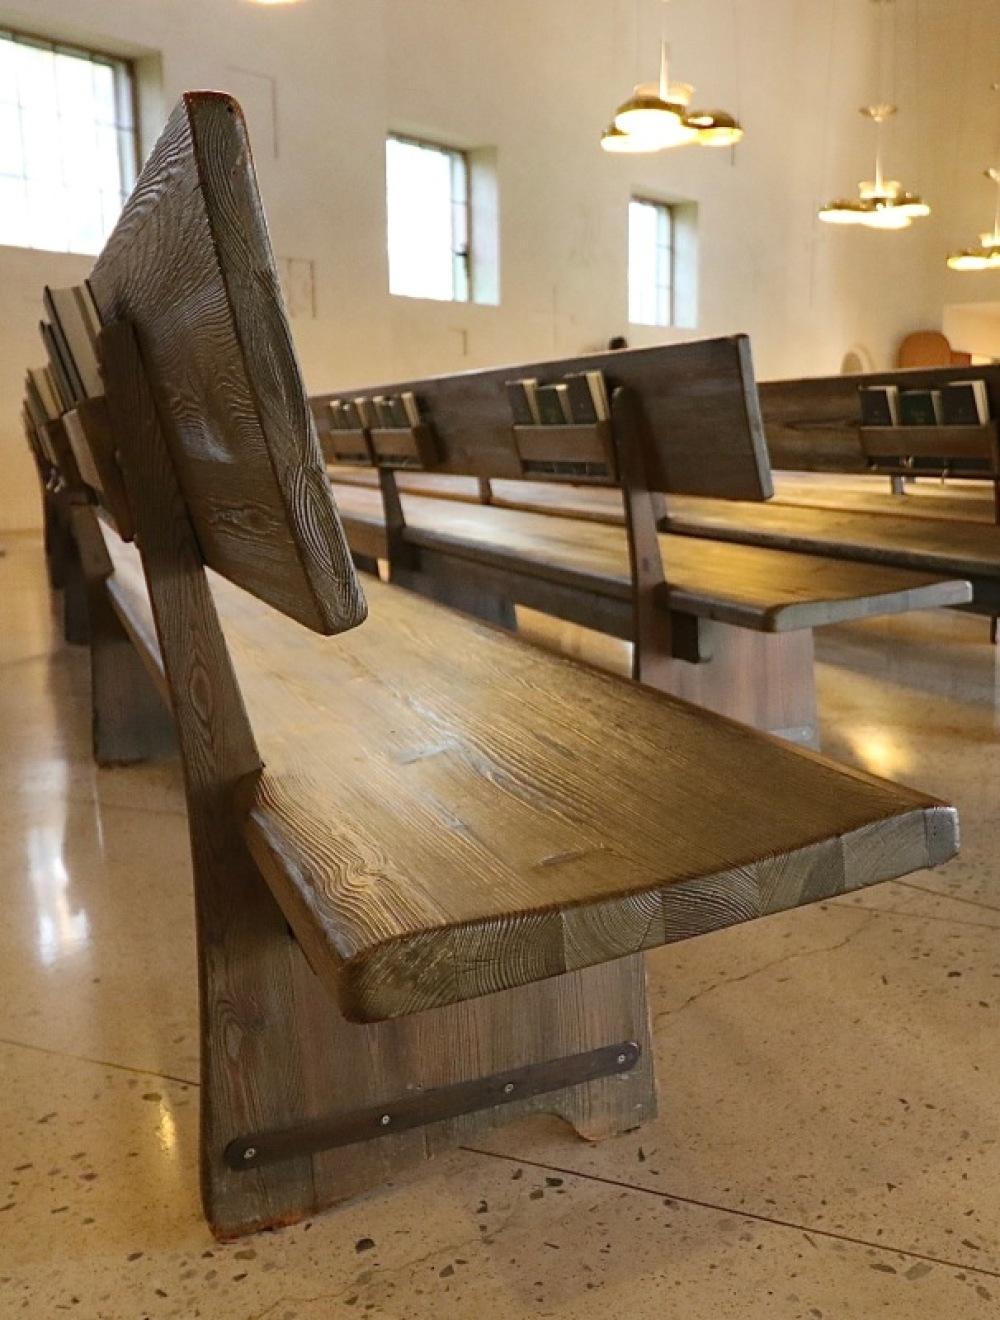 ■北欧近代建築を巡る旅 アールト&アスプルンド 3日目 トゥルクの礼拝堂_f0165030_16353038.jpg